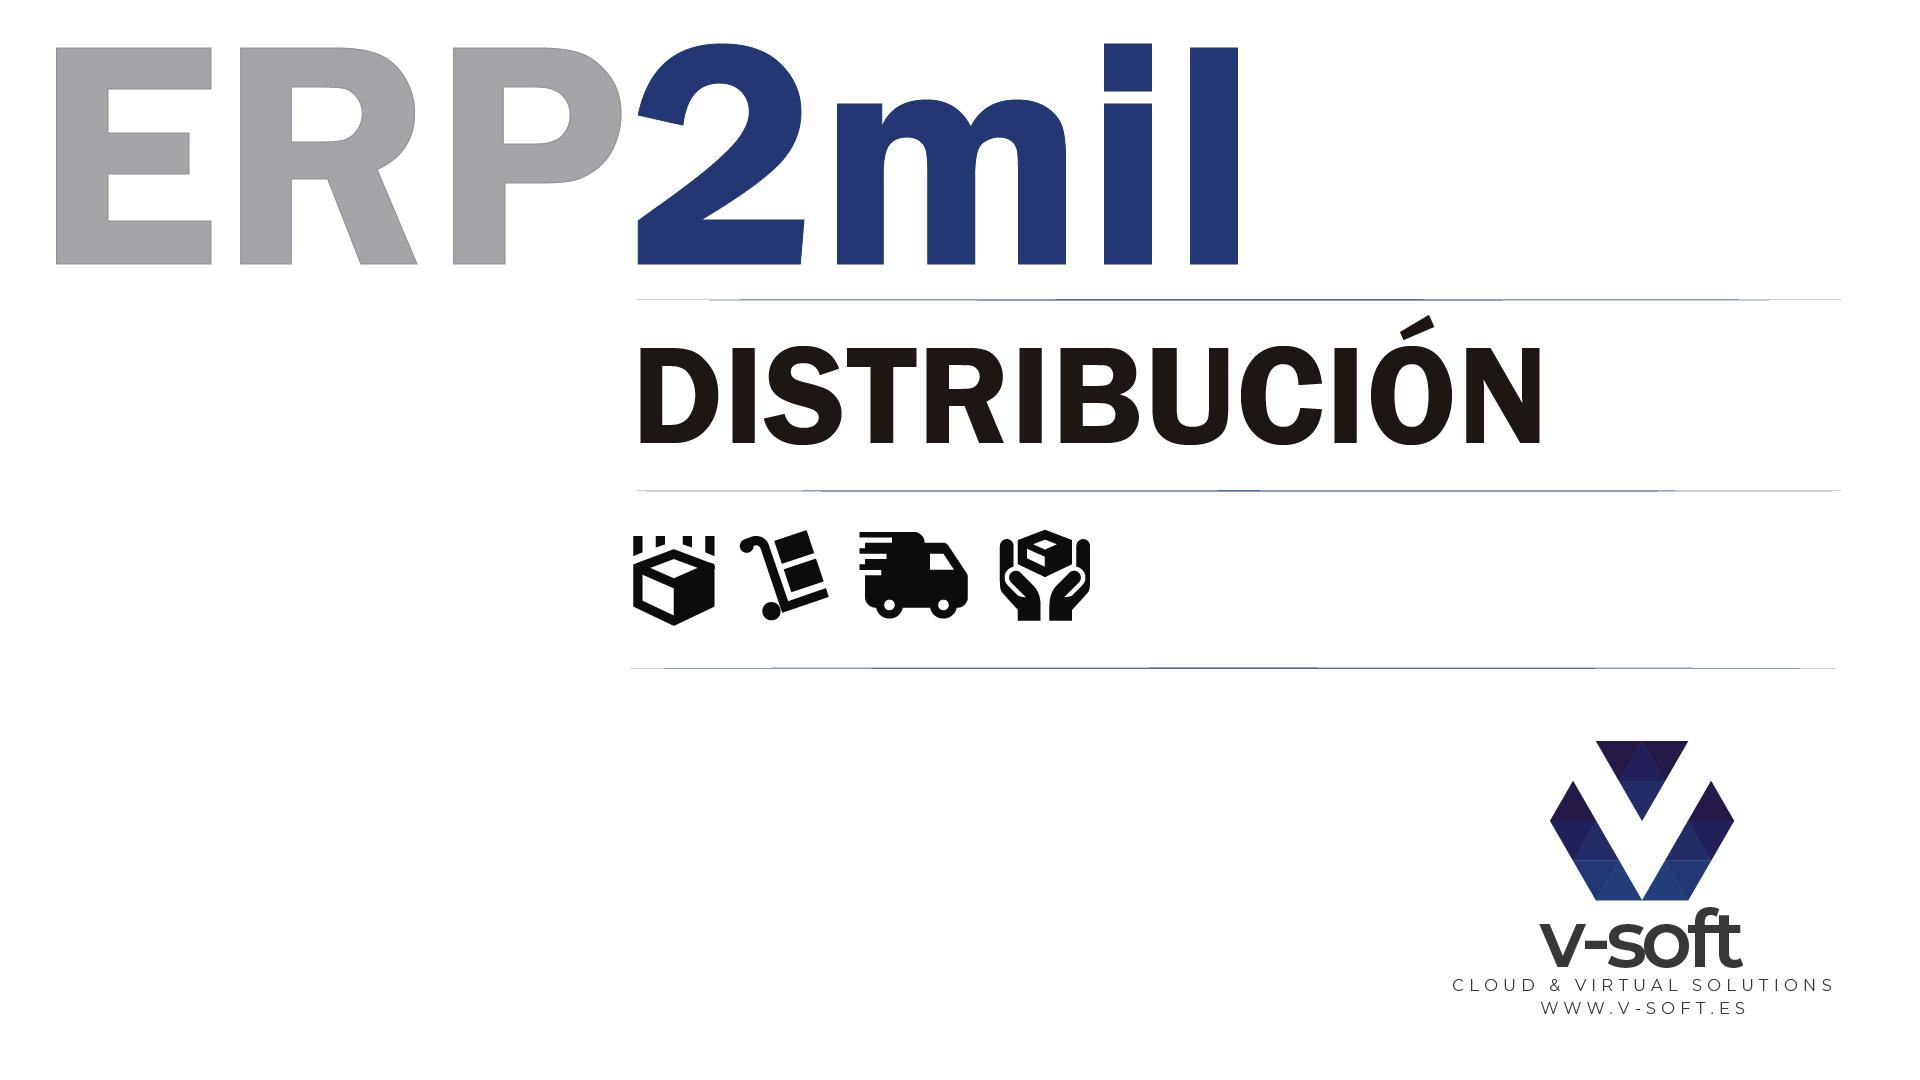 ERP2mil DISTRIBUCION de V-SOFT